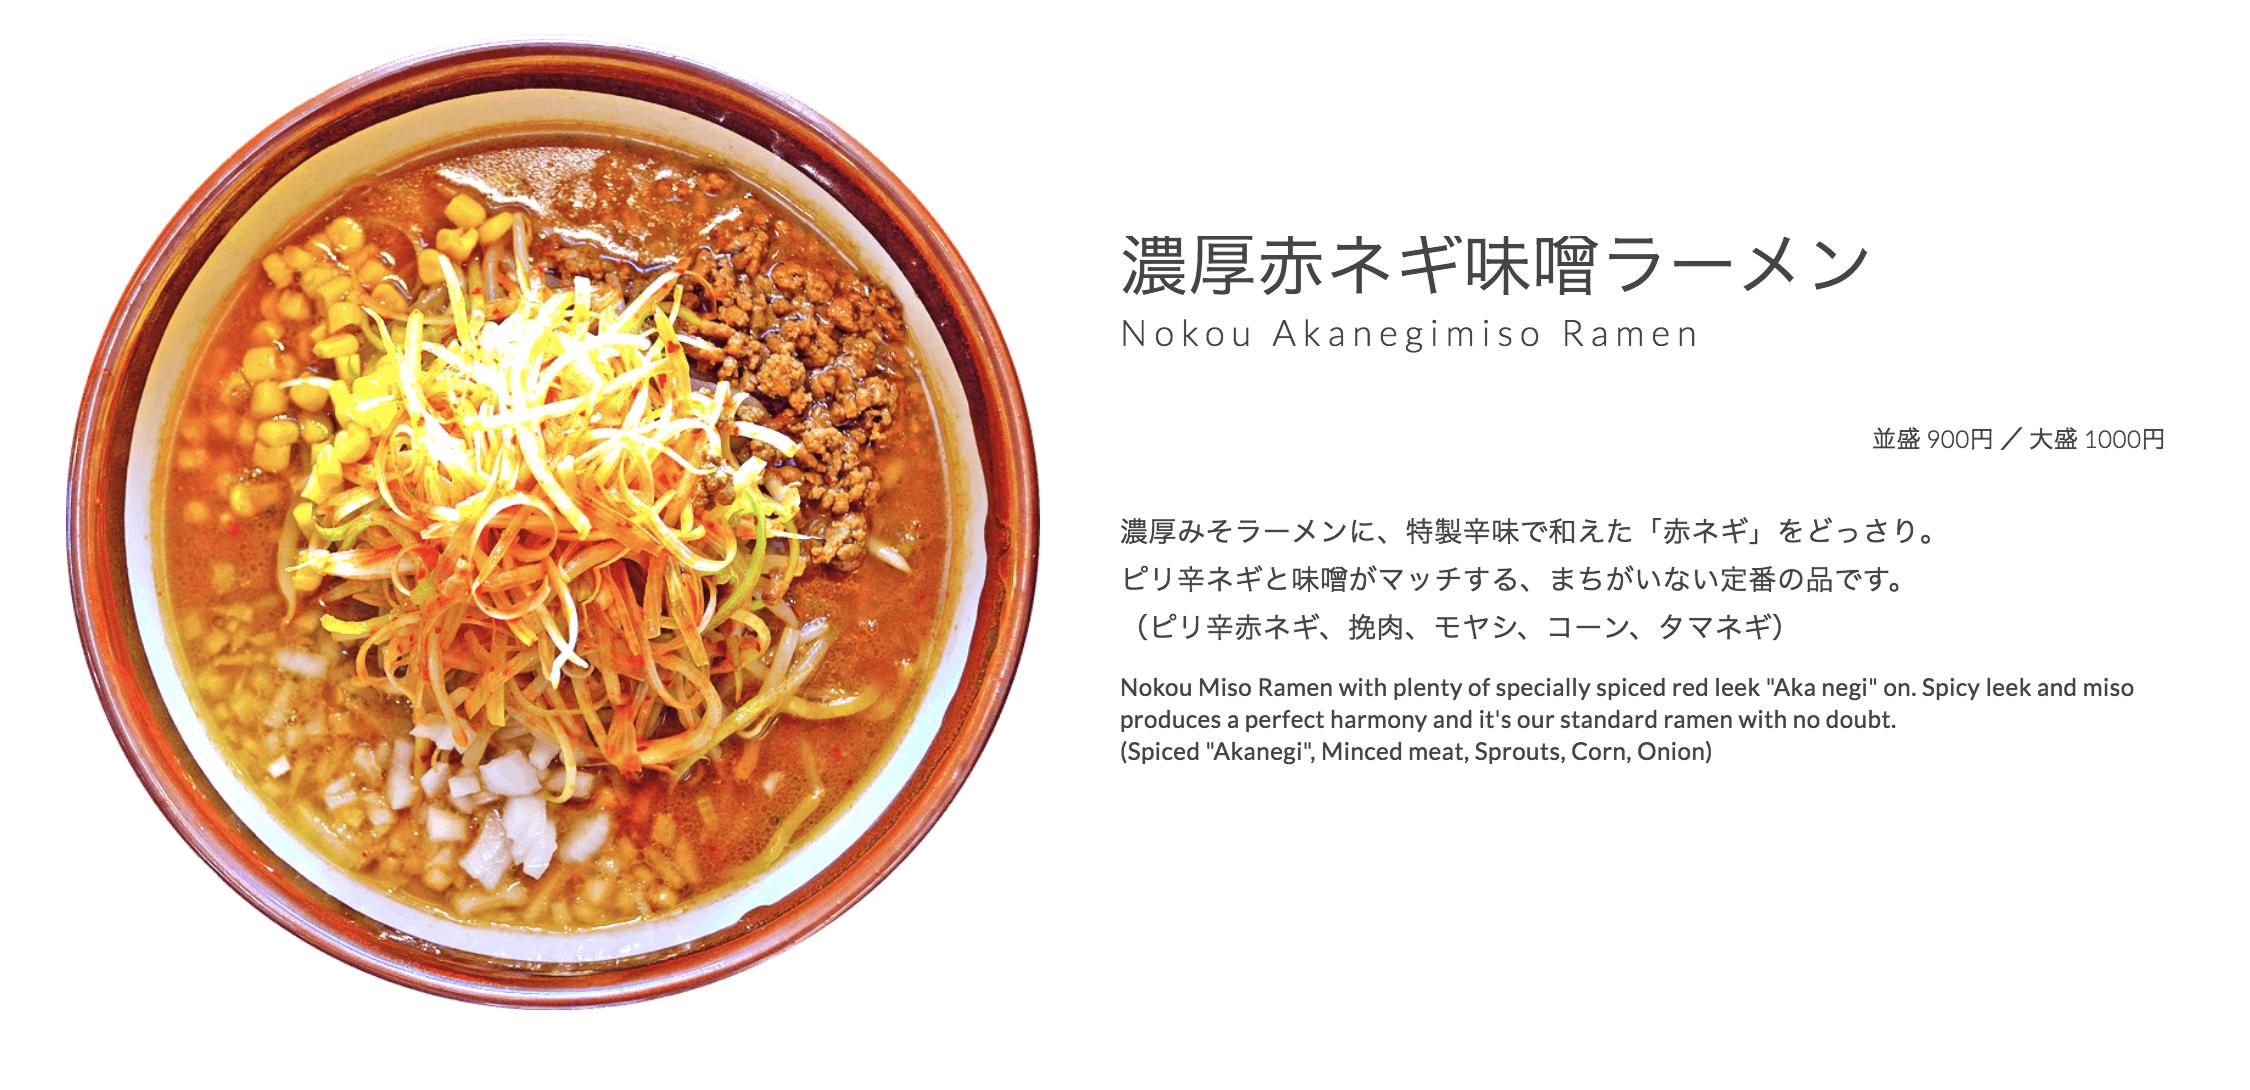 味噌ラーメン専門店「日月堂」の赤ネギ味噌ラーメン